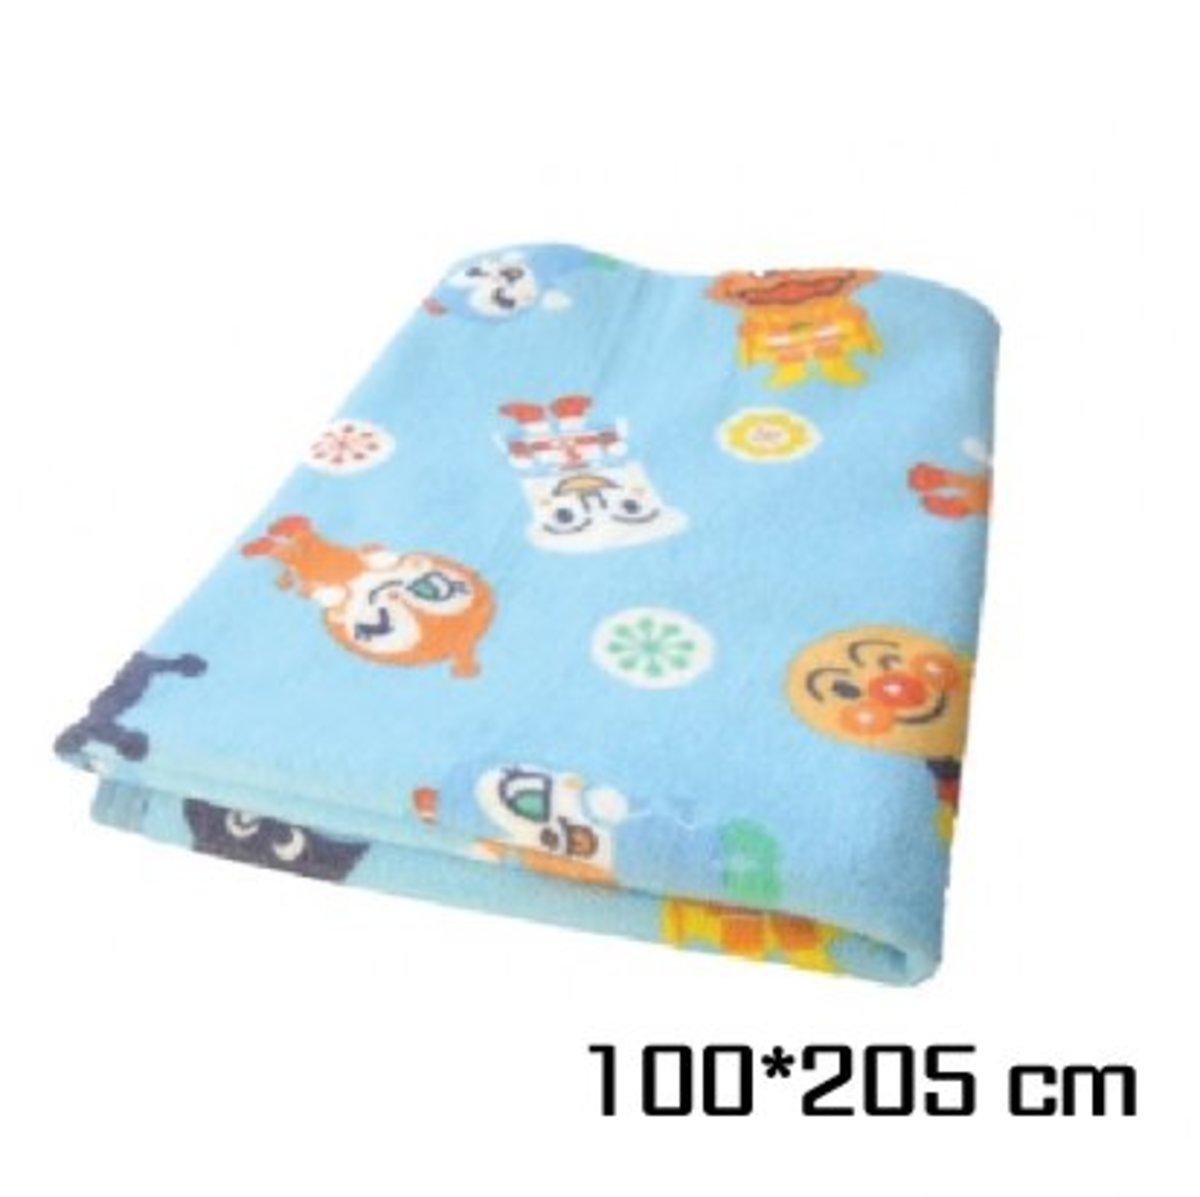 Waterproof mattress Blue 100X205cm